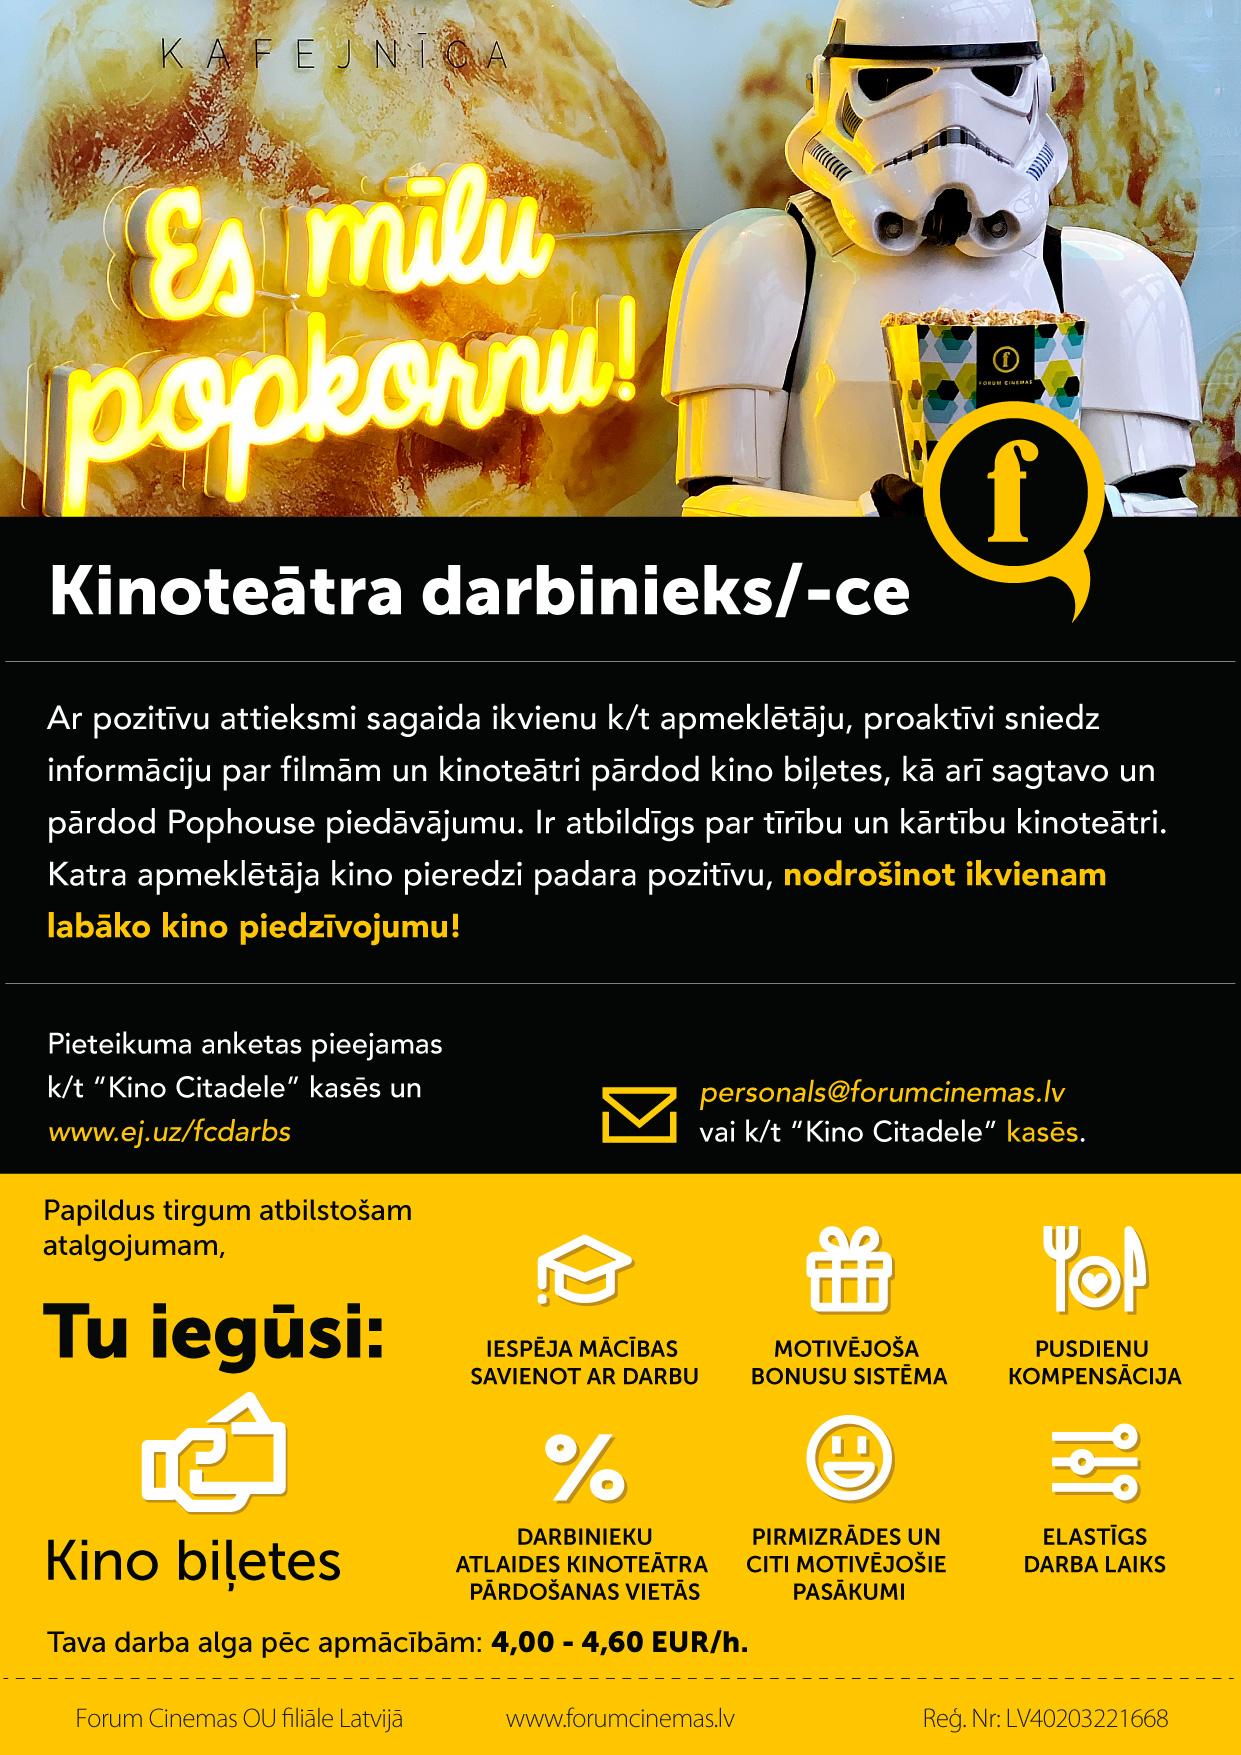 Forum Cinemas vakance - kino darbinieks